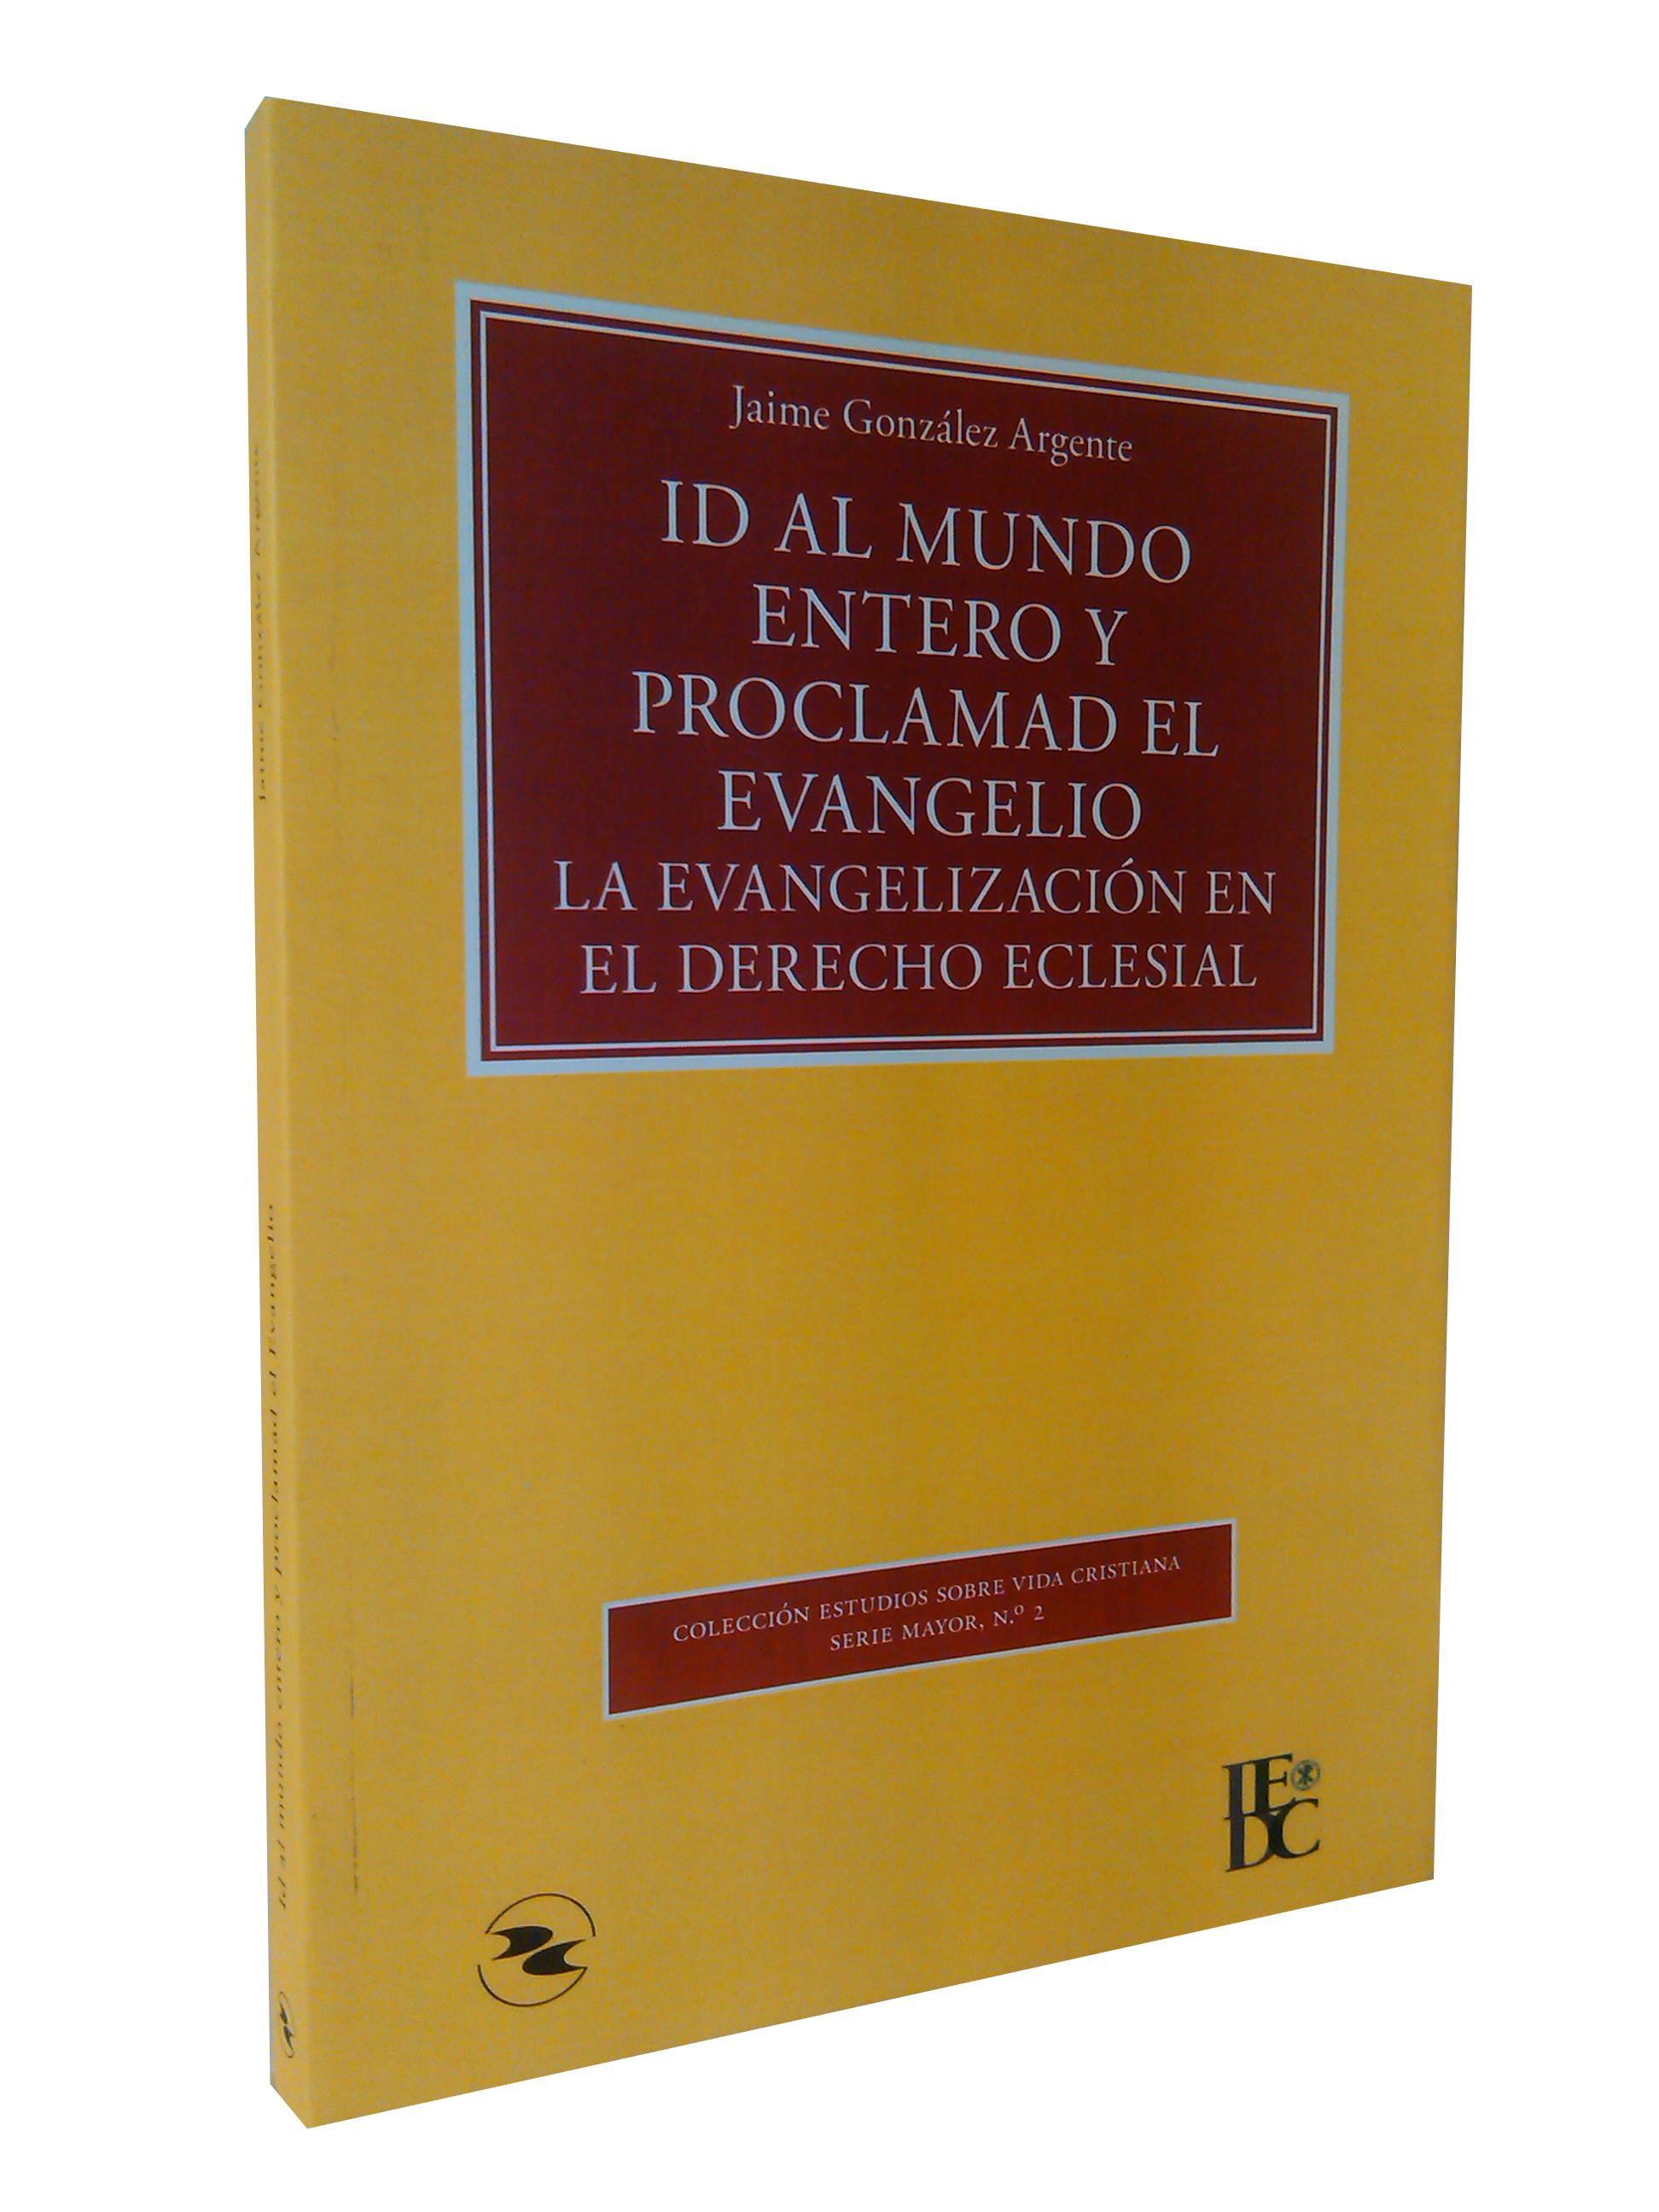 Id al mundo entero y proclamad el evangelio – La evangelización en el derecho eclesial